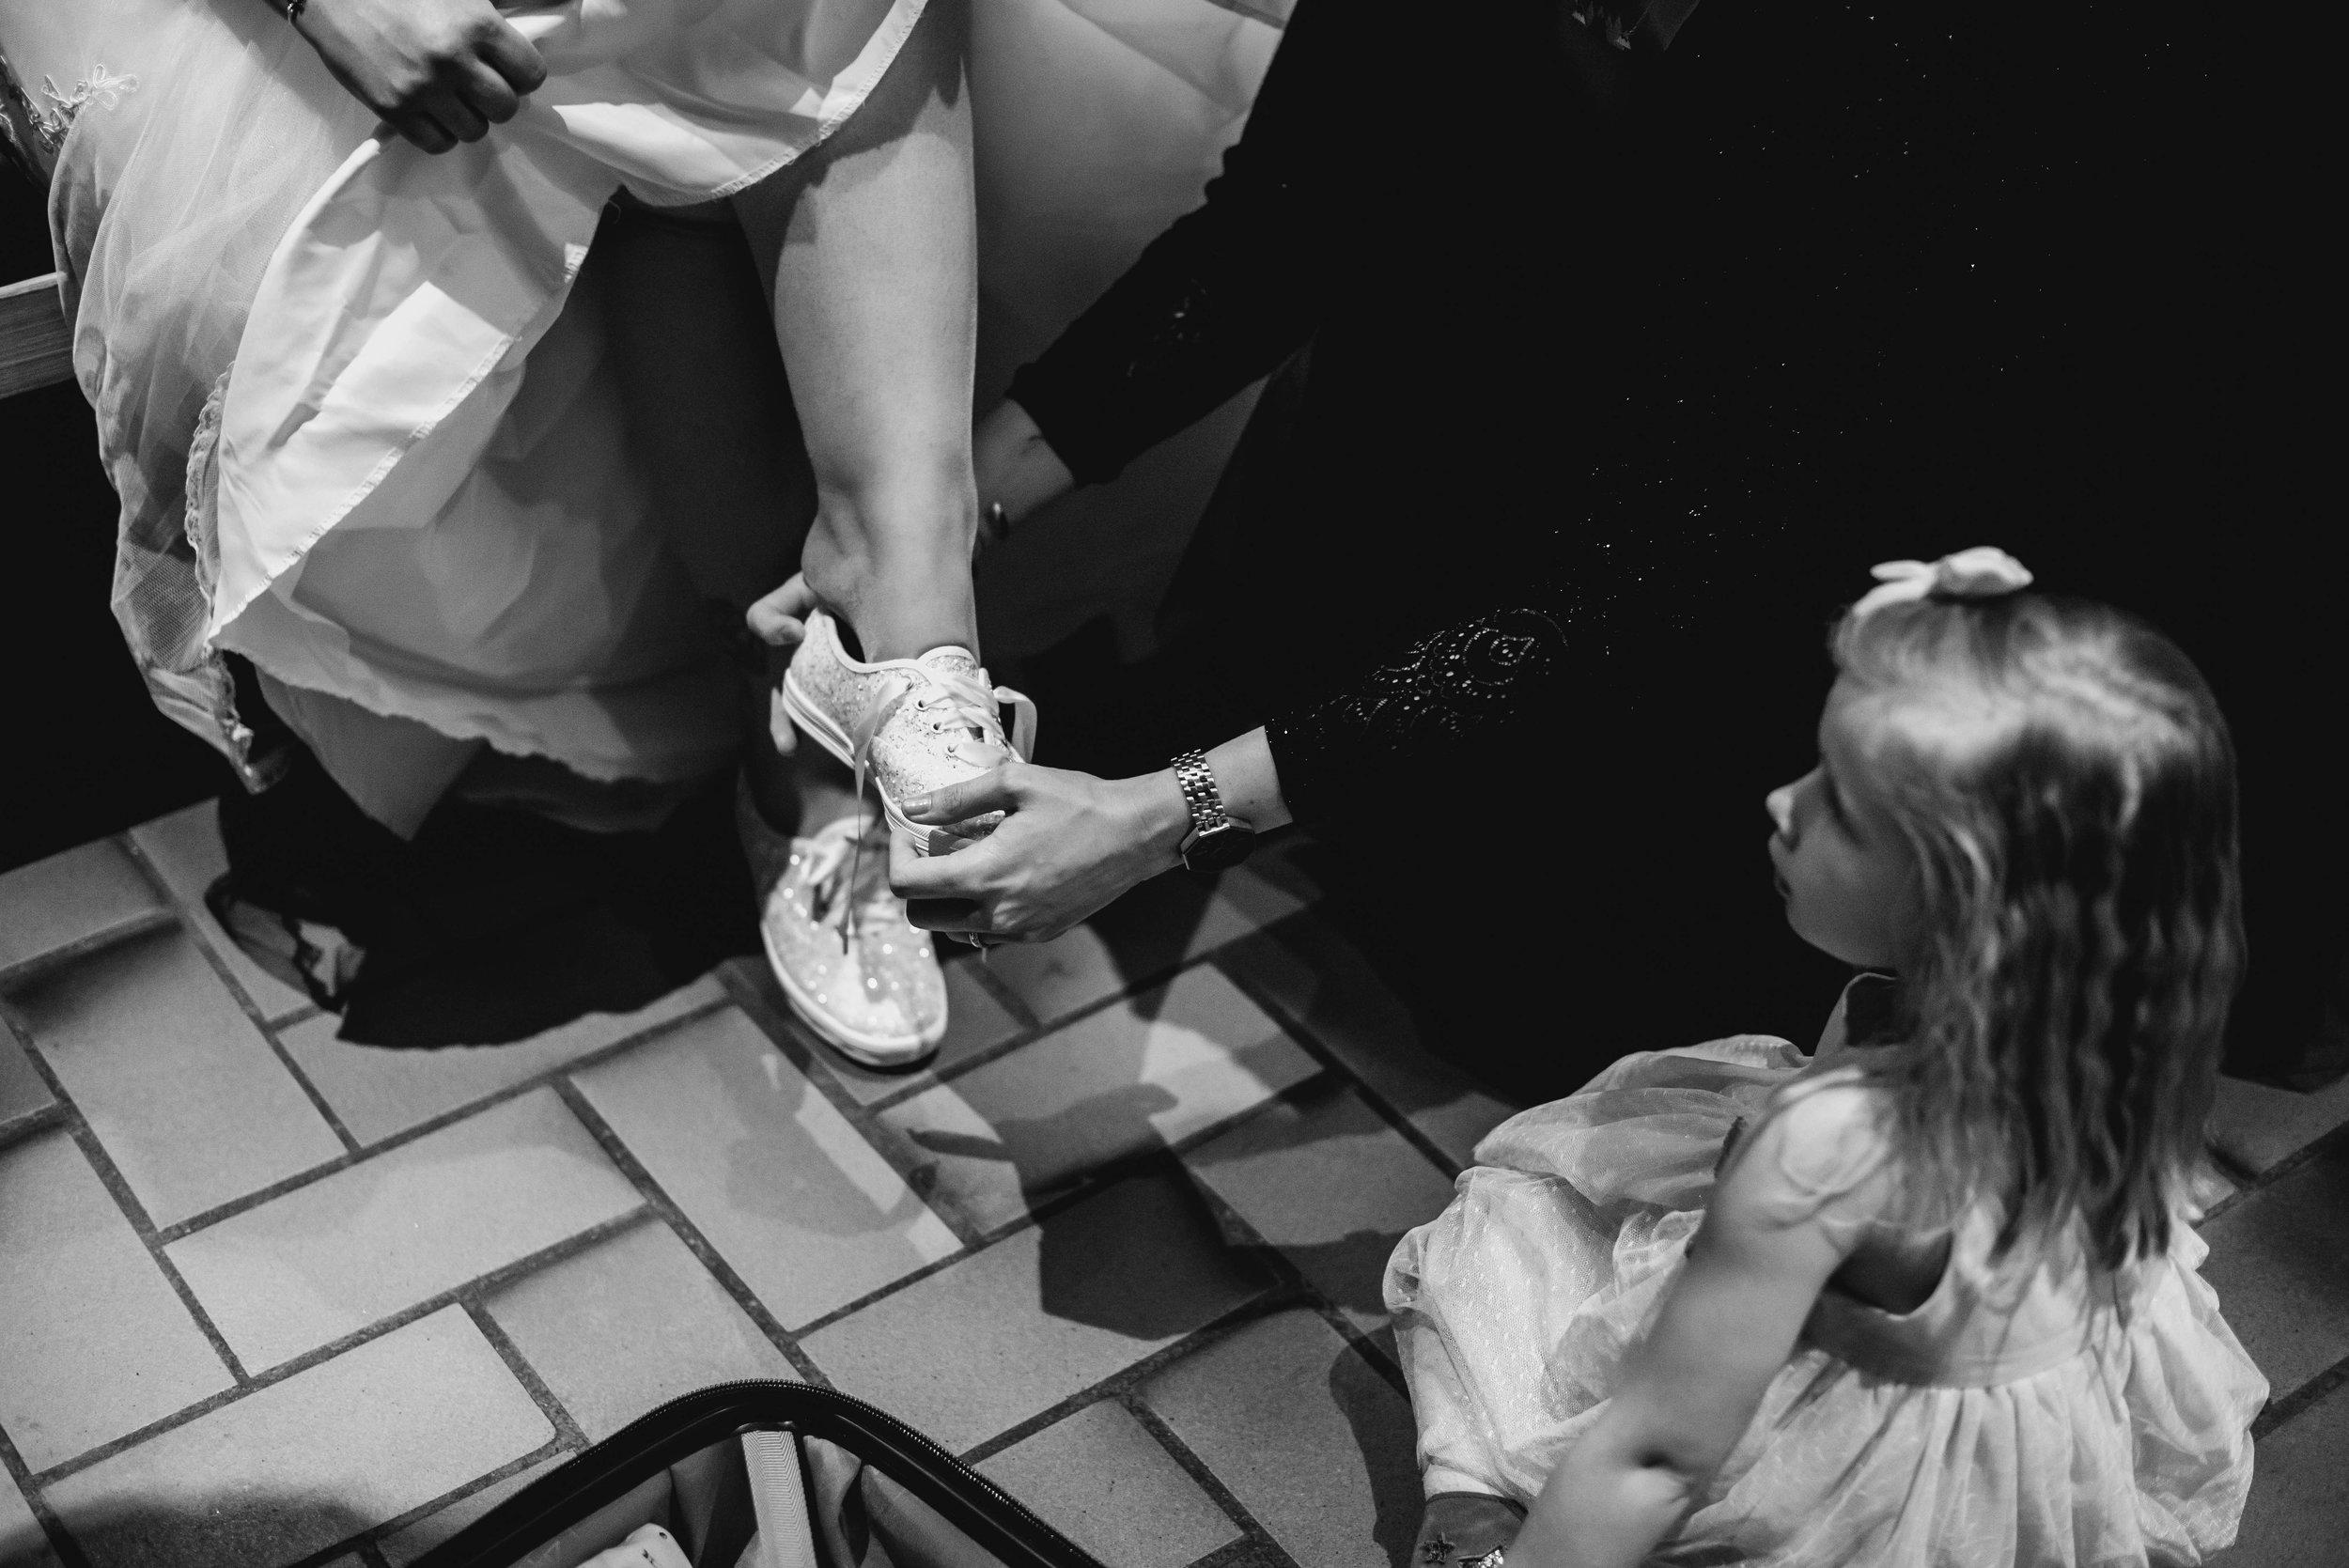 Léa-Fery-photographe-professionnel-lyon-rhone-alpes-portrait-mariage-couple-amour-lovesession-engagement-elopment-3170.jpg